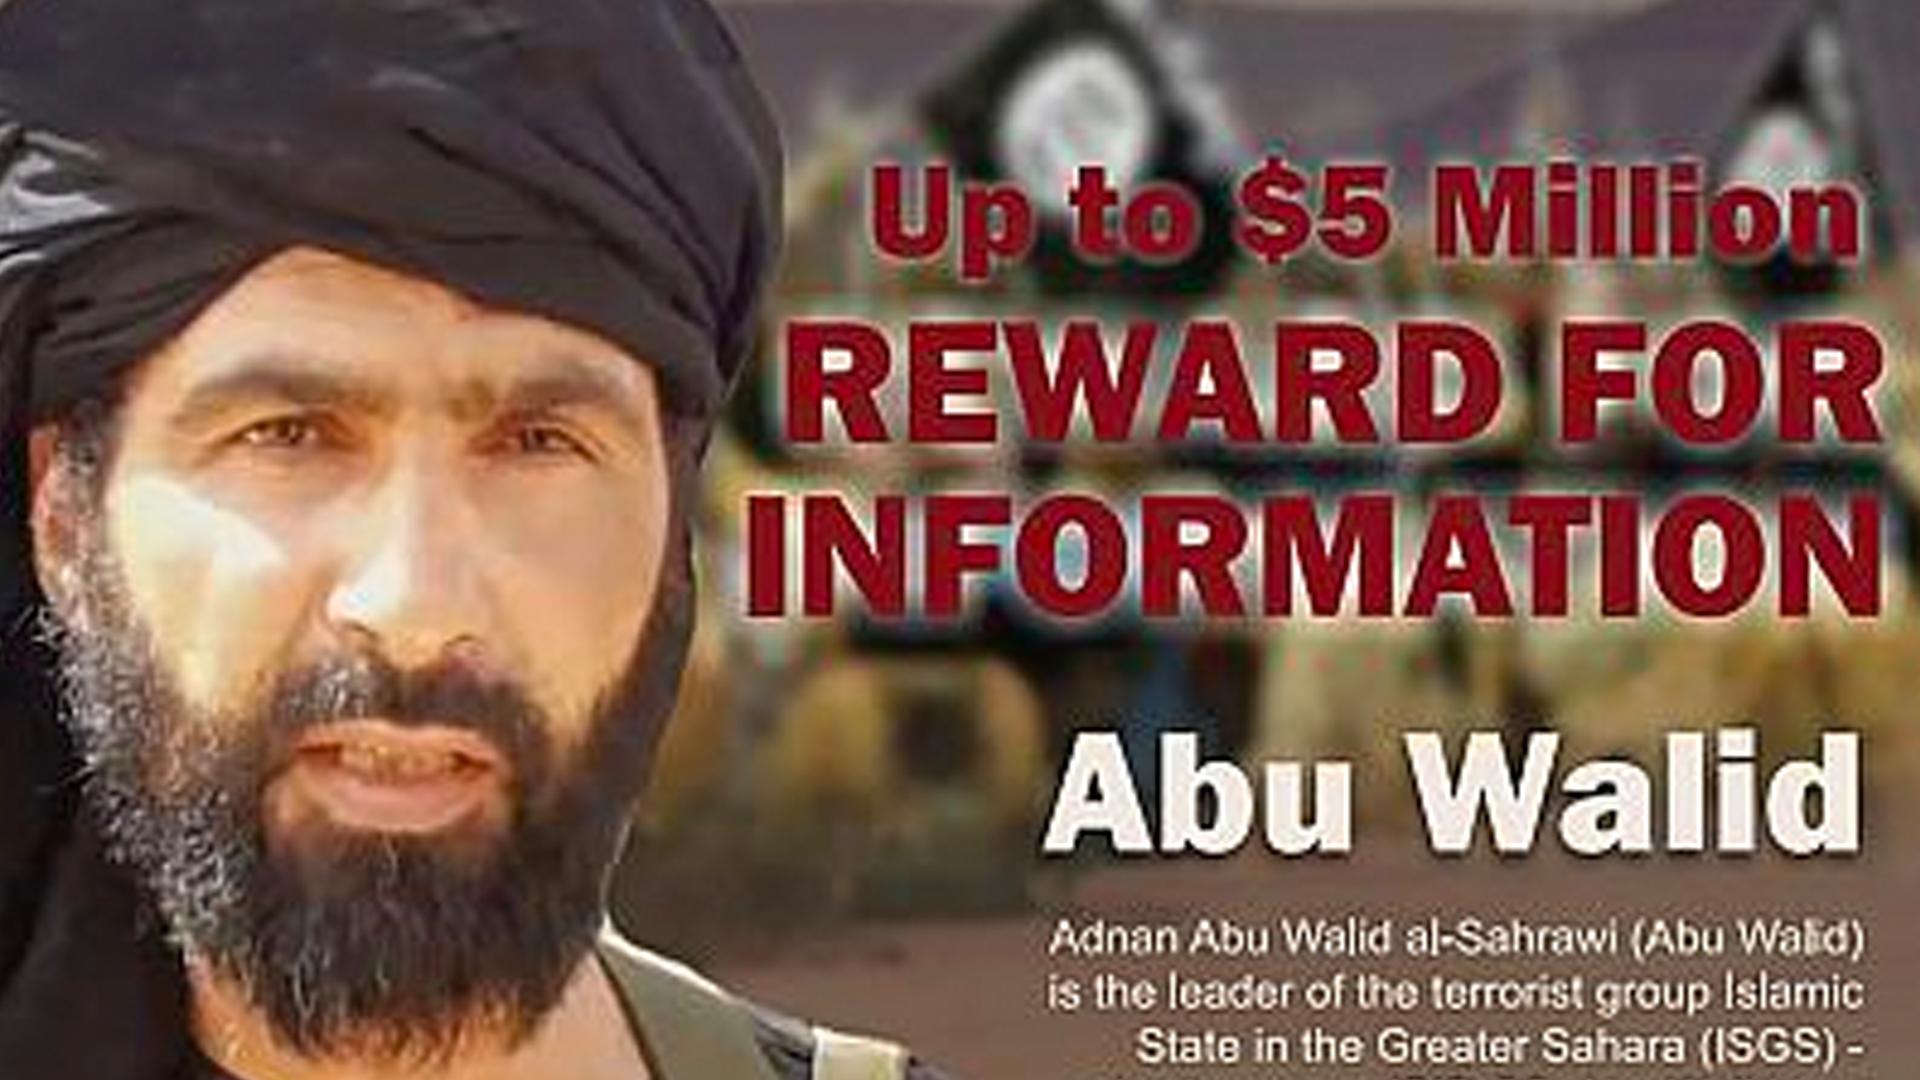 Francia katonák megölték a szaharai dzsihadisták vezetőjét